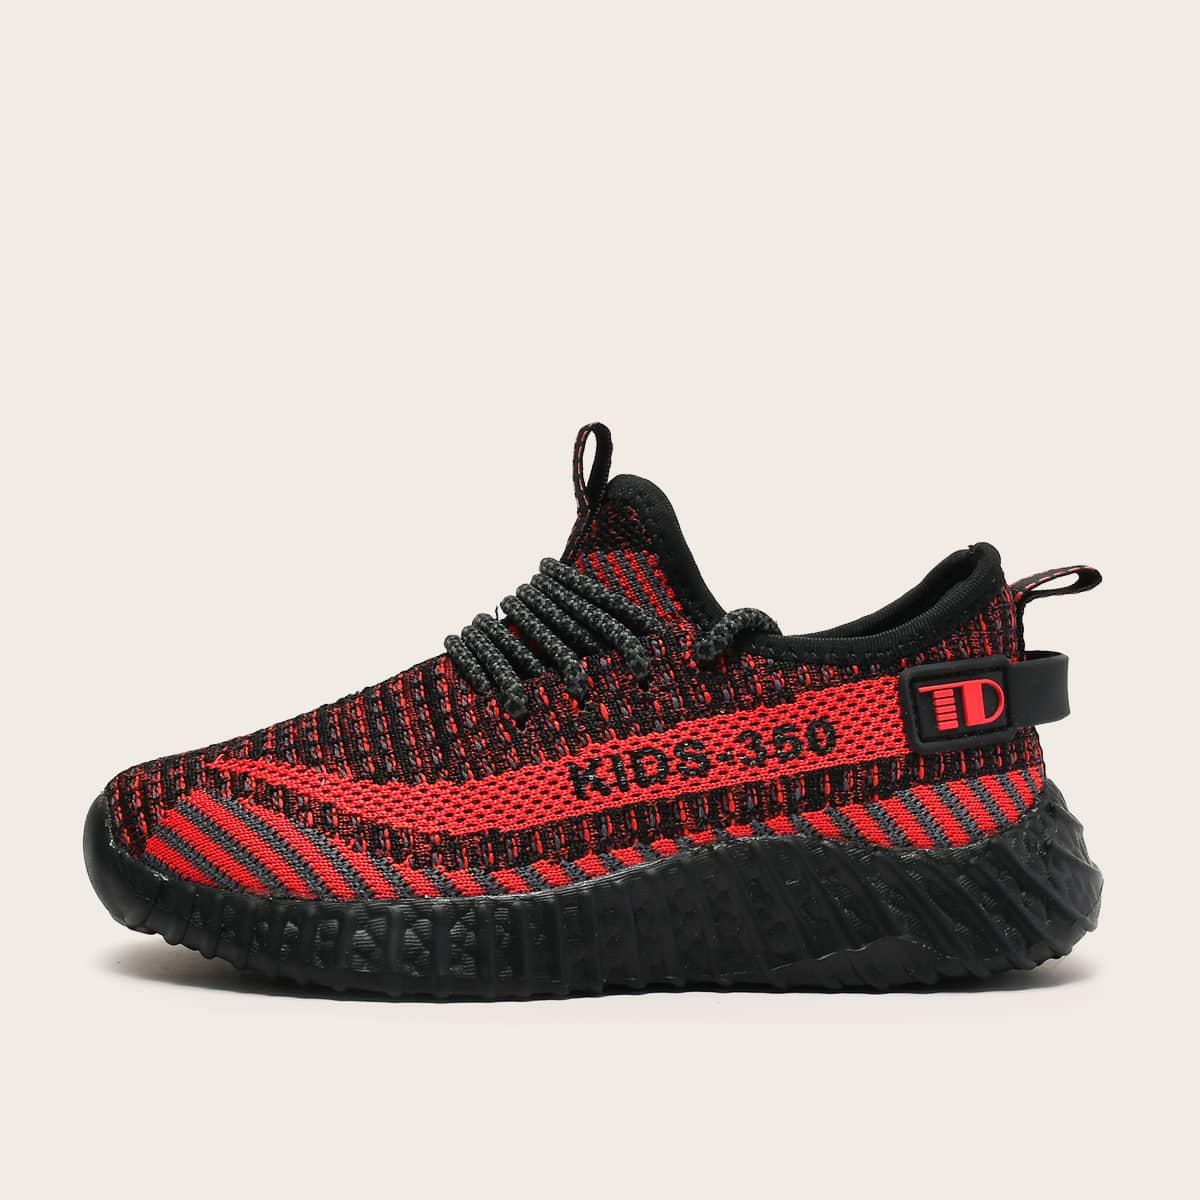 Кроссовки на шнурках с текстовым принтом для мальчиков